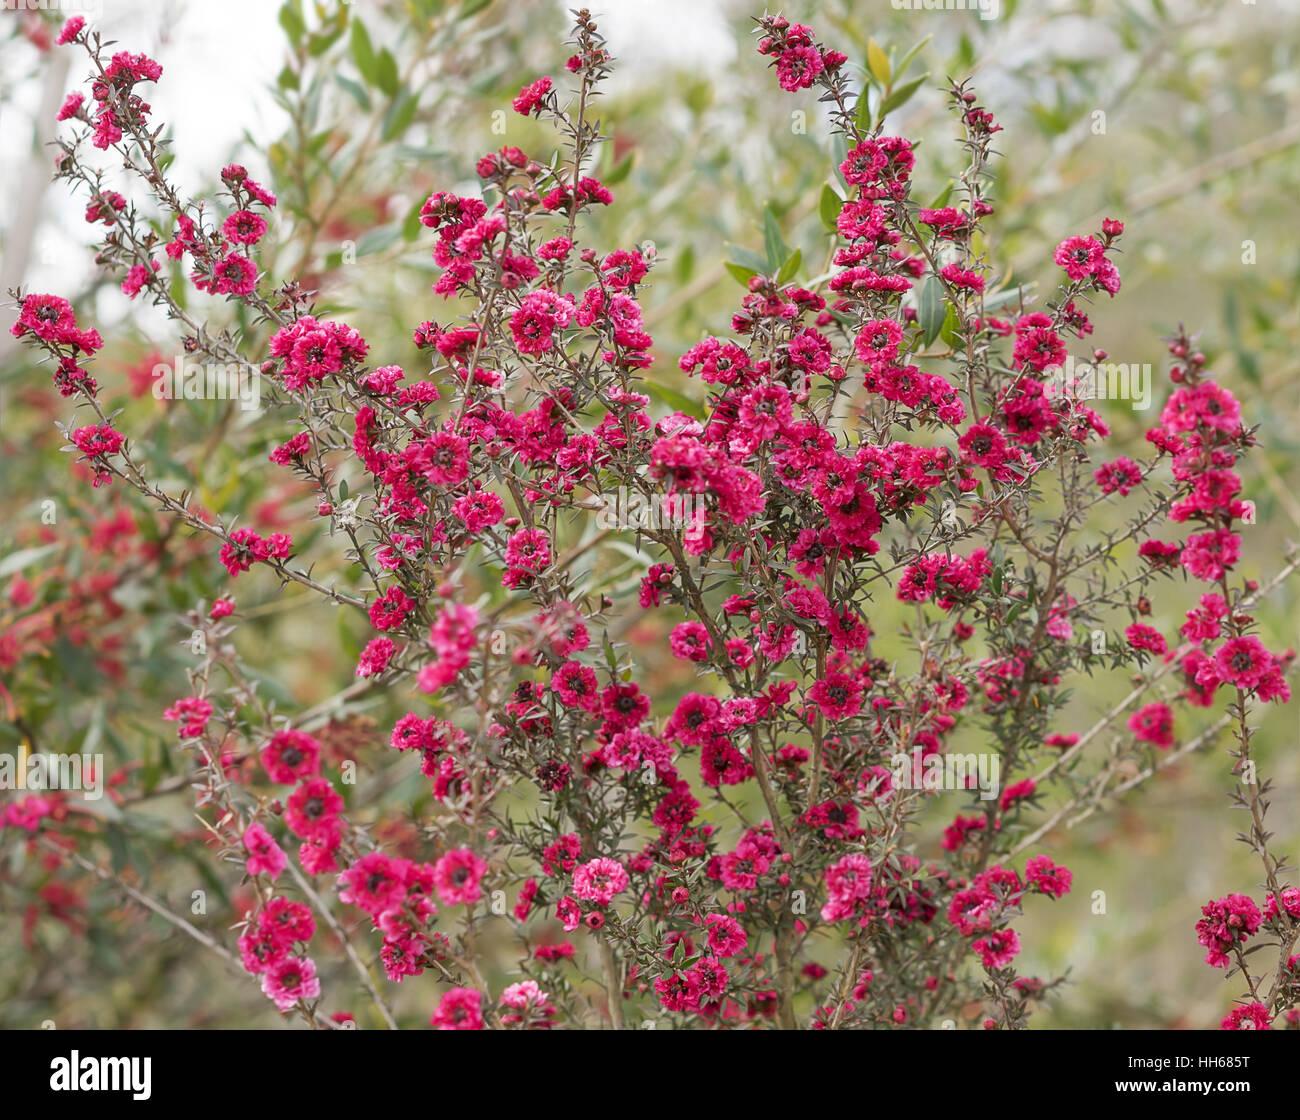 Australische Leptospermum Scoparium Burgund Königin mit reichlich kleine doppelte Burgund rosa Blumen Stockbild